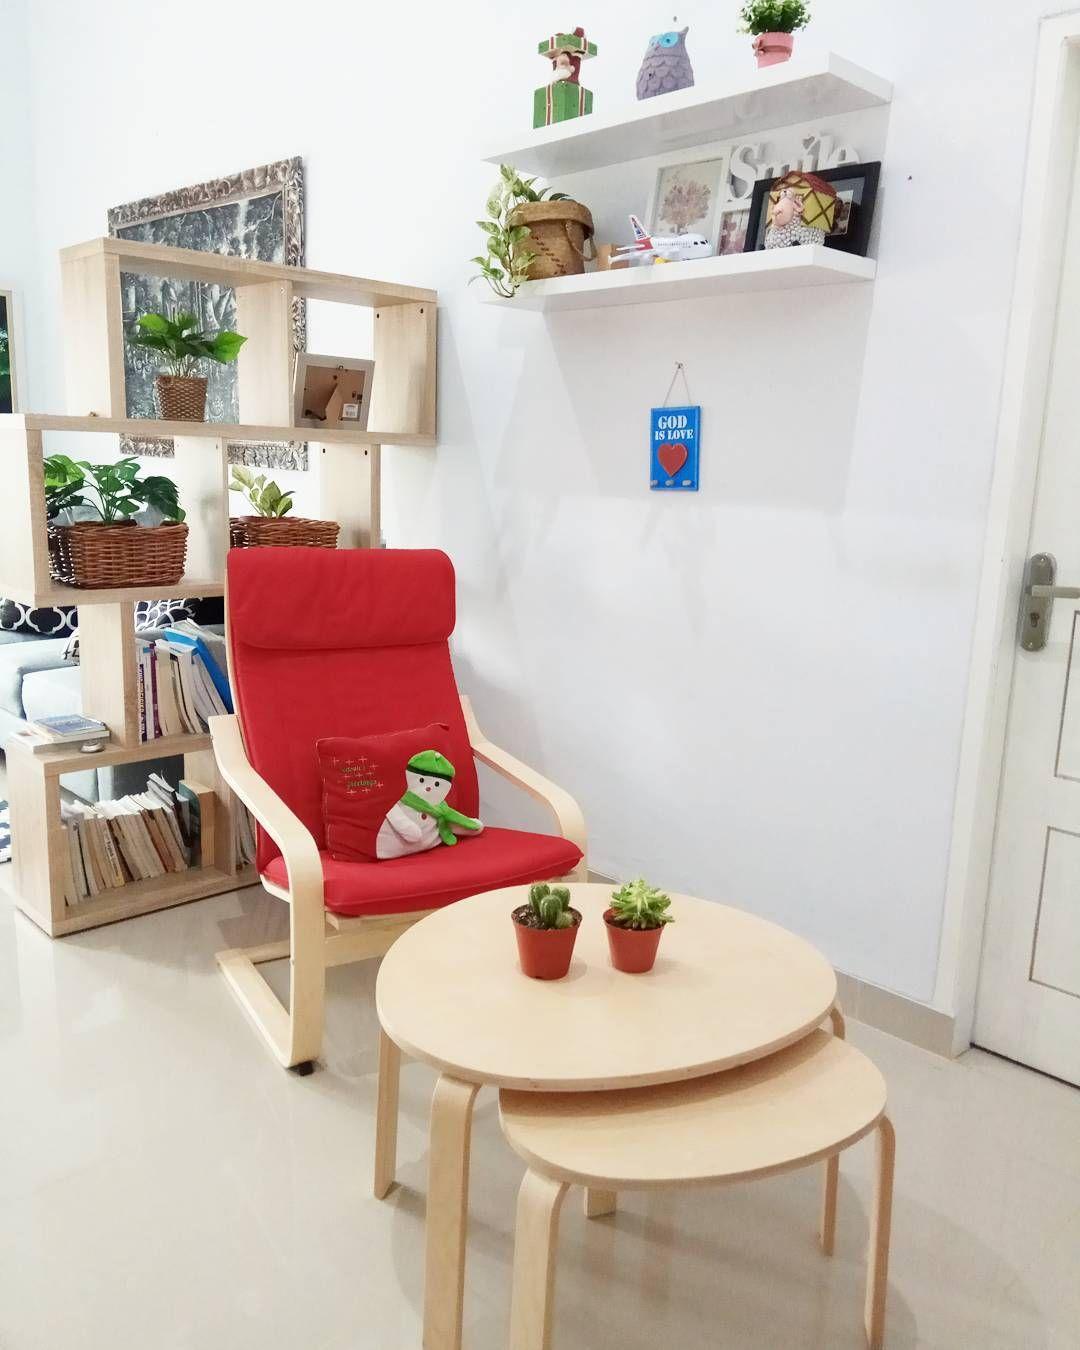 29 Ide Dekorasi Rumah Minimalis Terbaru 2018 Dekor Decorating Small Es